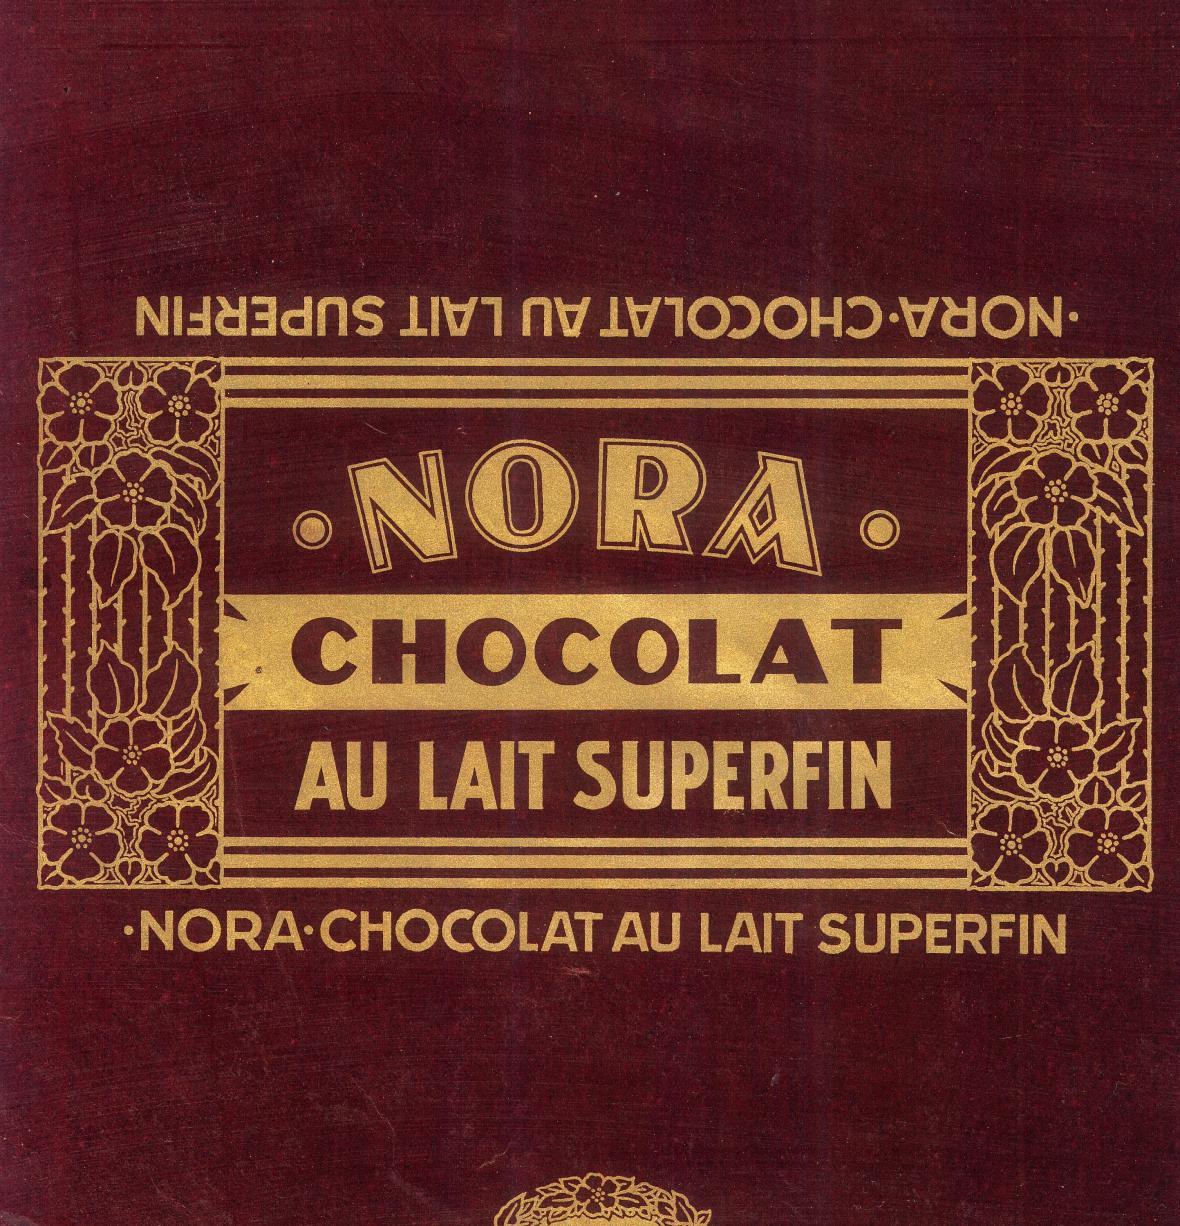 Obal na čokoládu na export Zora